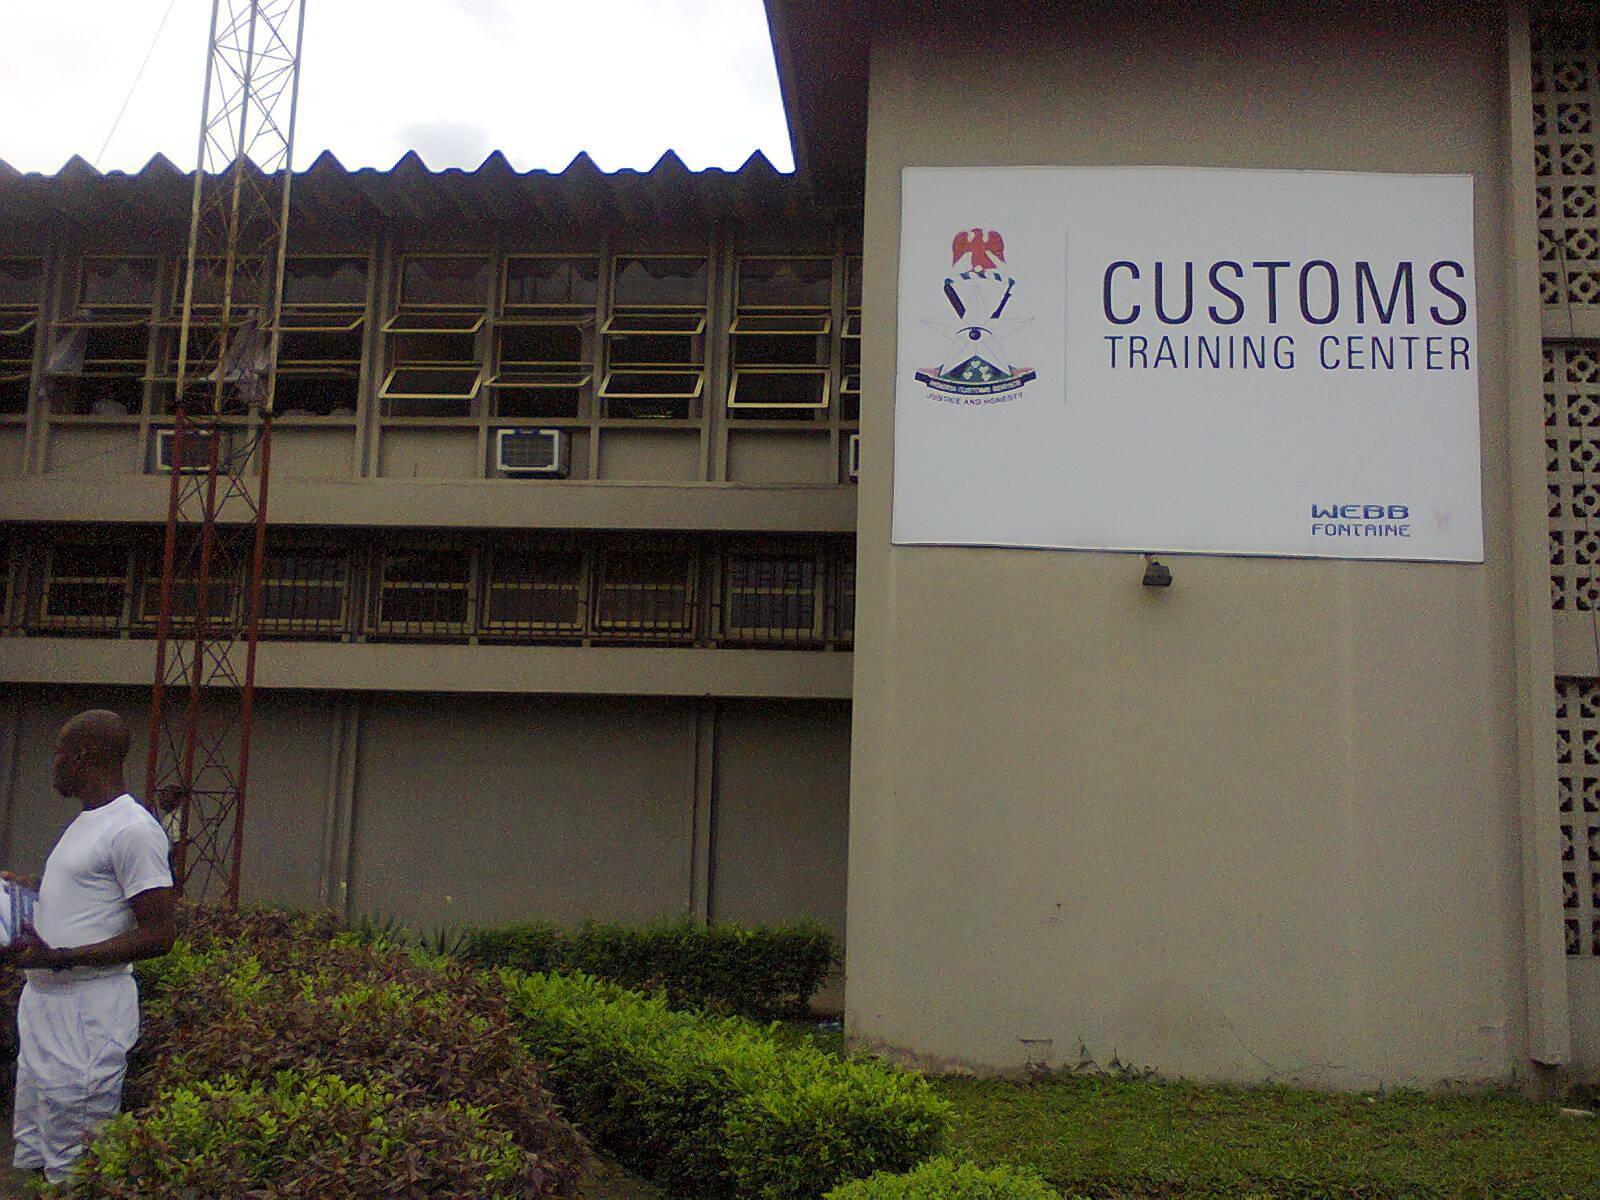 Behold The Customs Training Center, Where Senior Officers